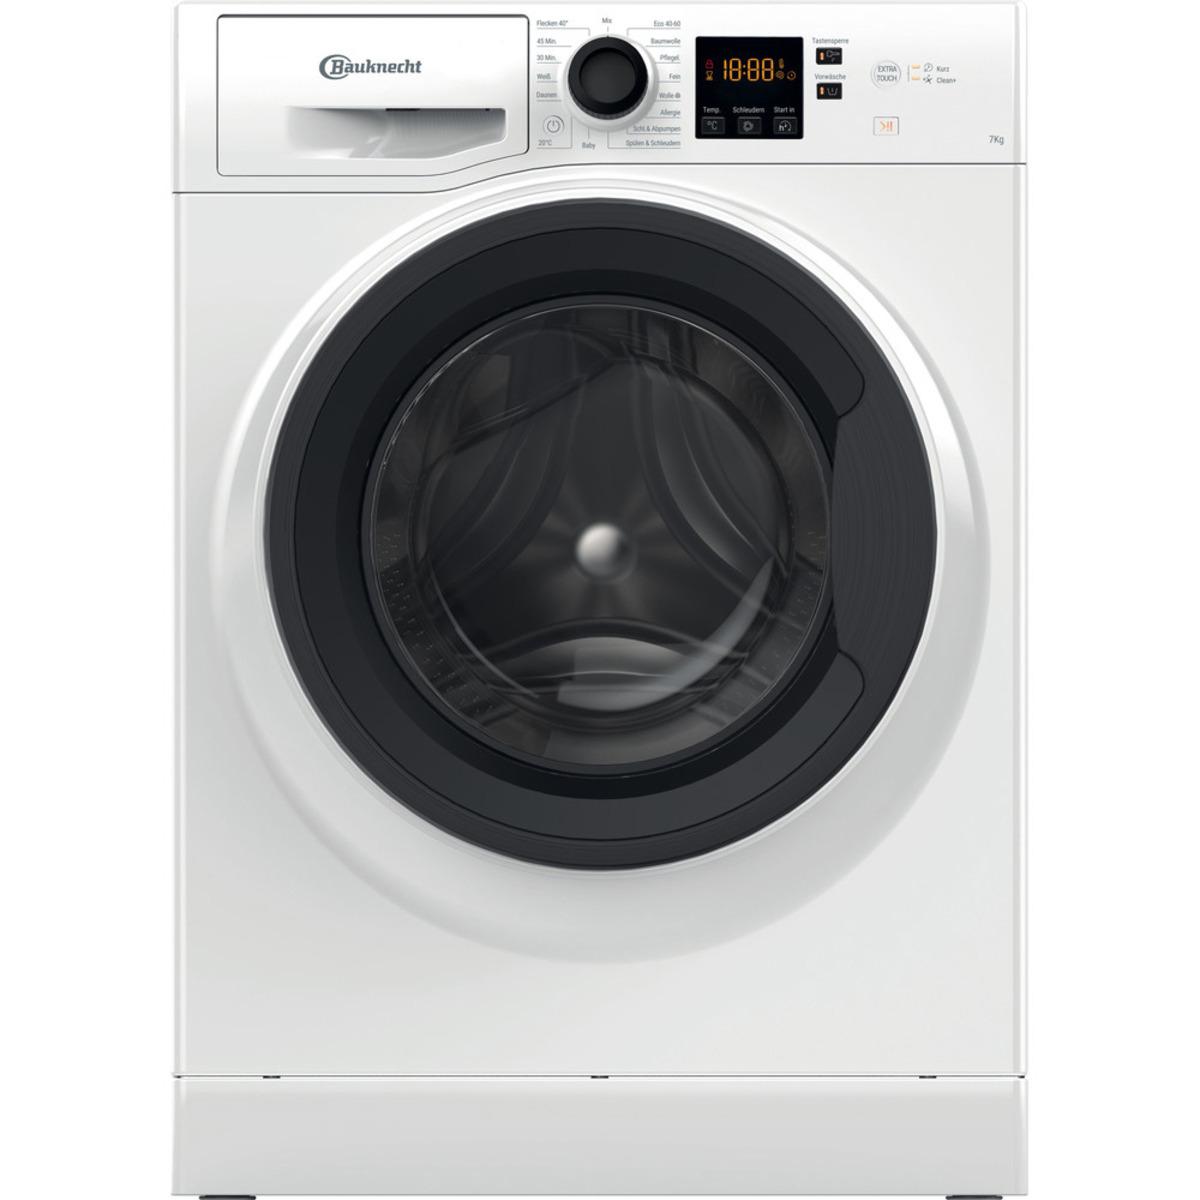 Bild 1 von BAUKNECHT WM 7 M100  Waschmaschine (7 kg, 1400 U/Min., A+++)